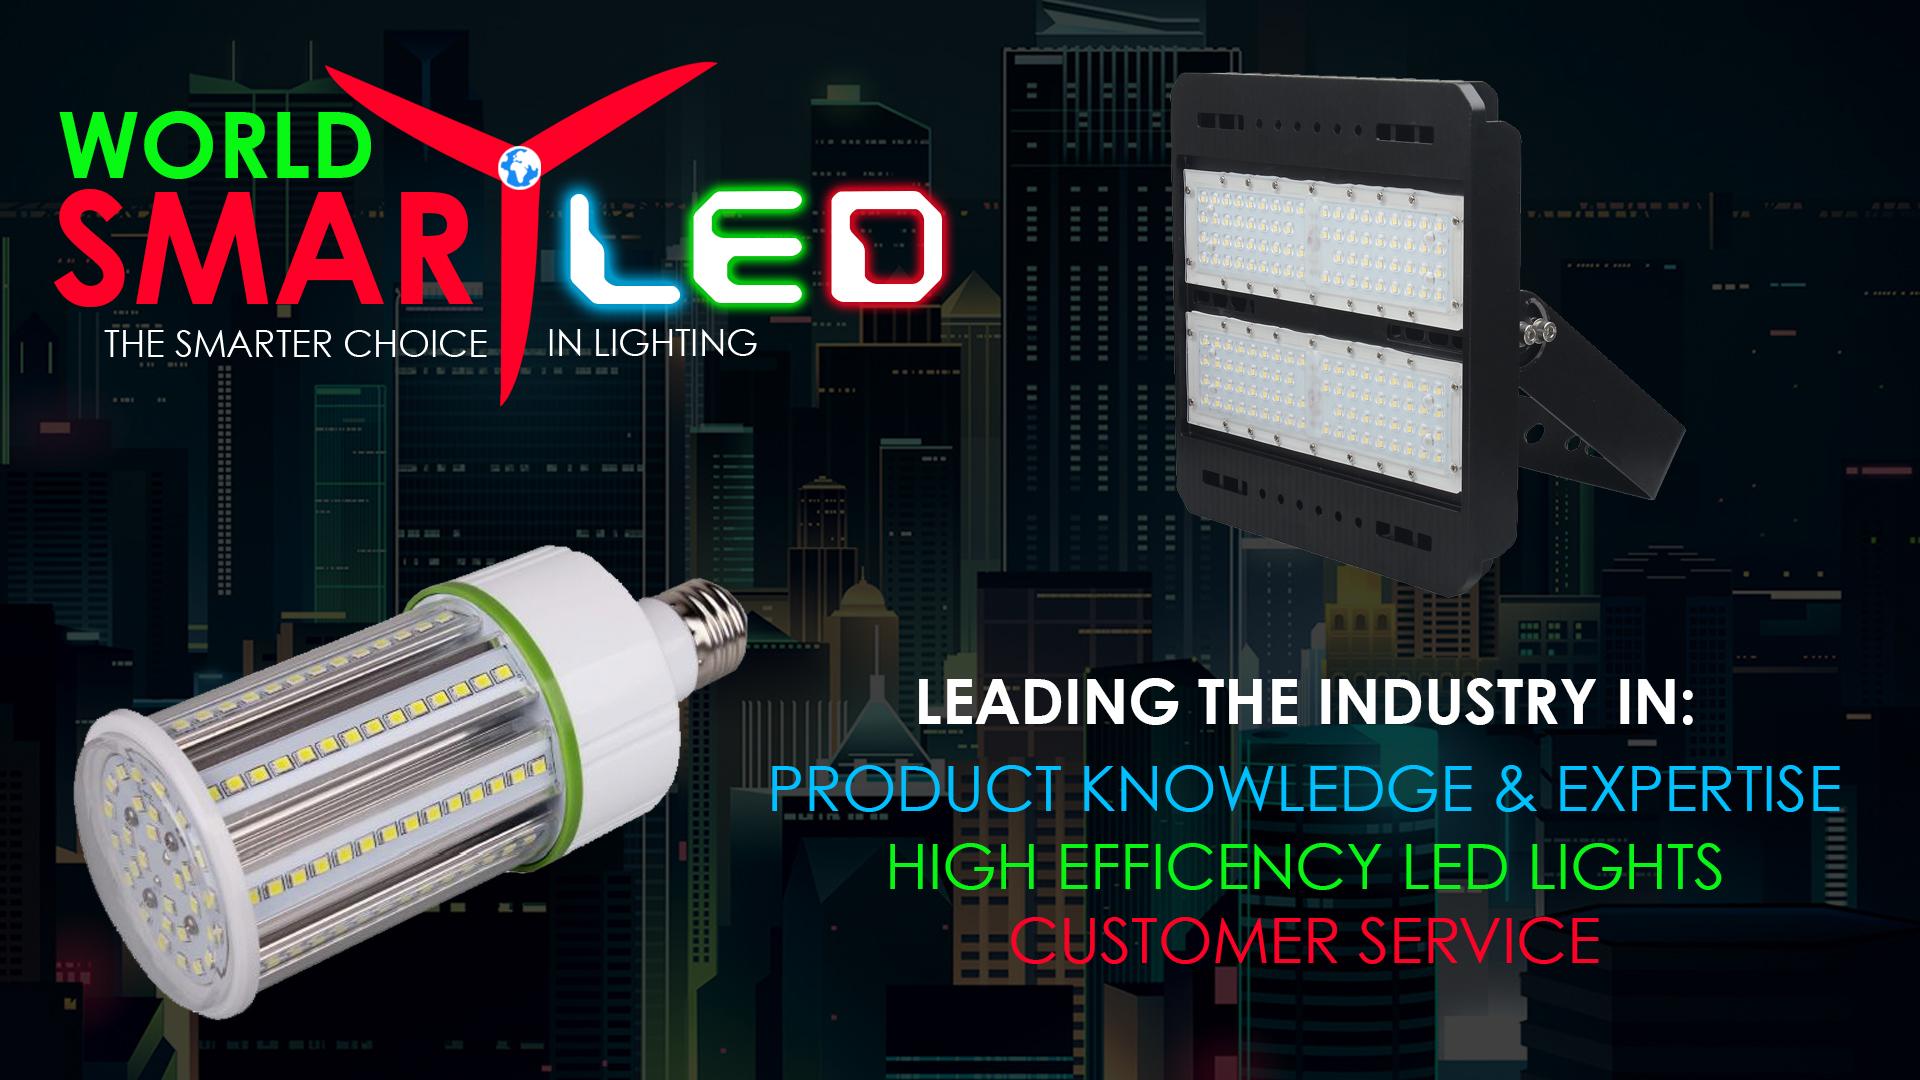 WS LED AD 001